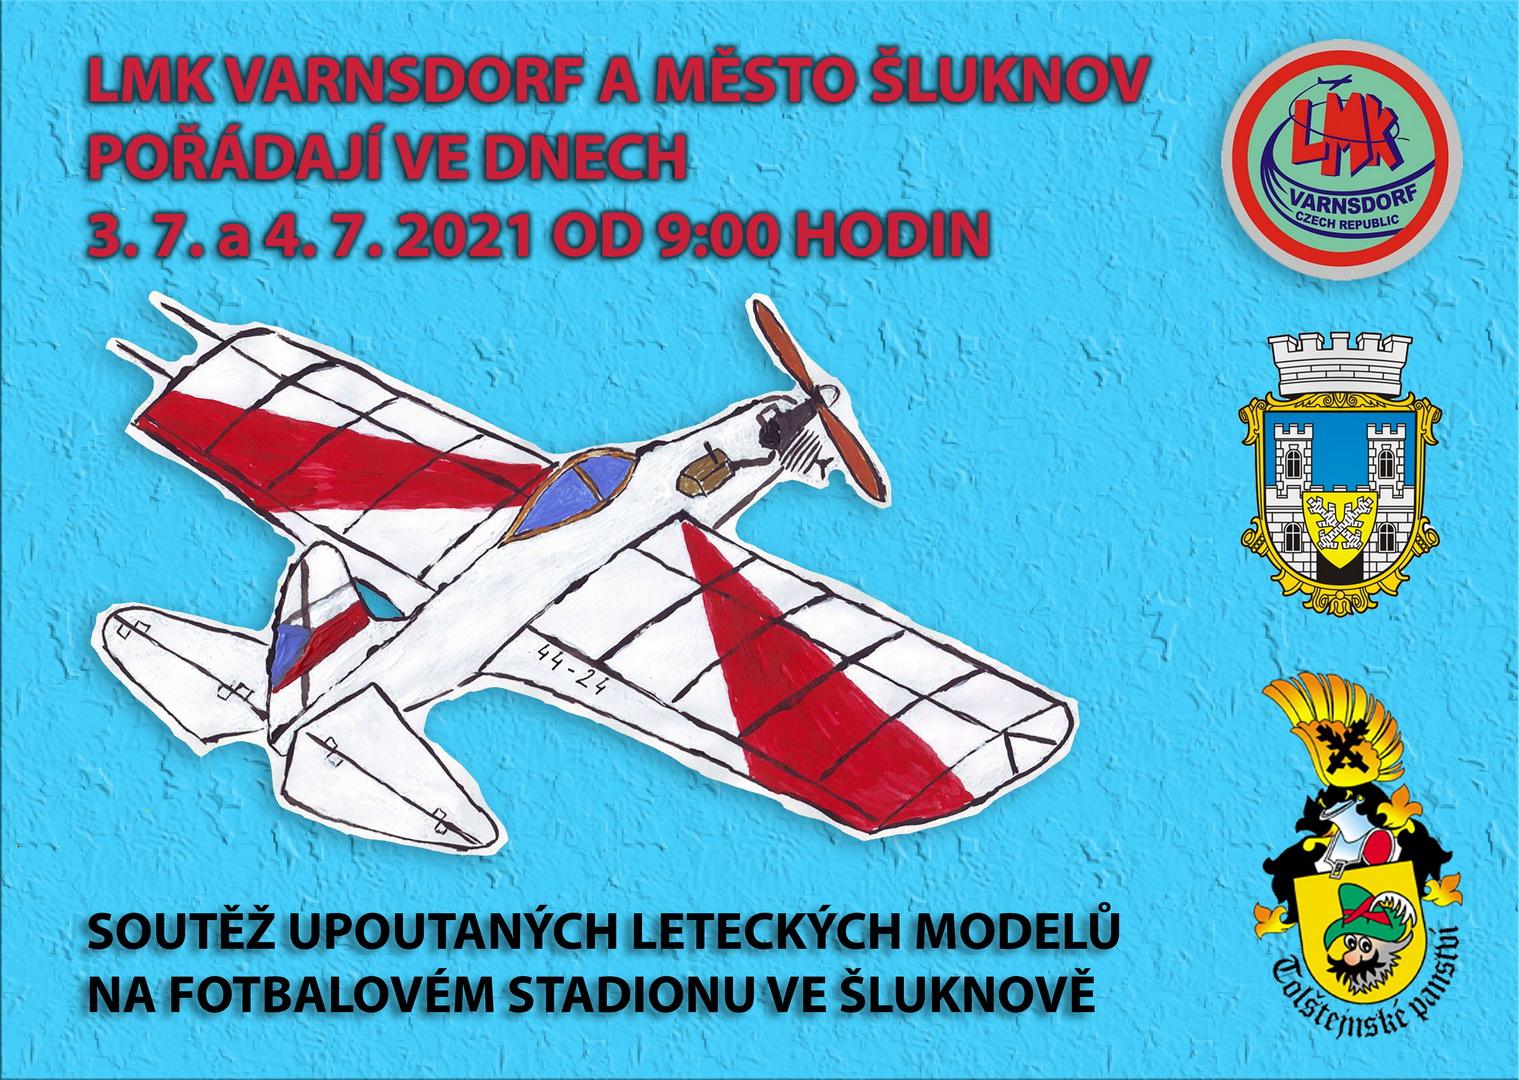 Soutěž upoutaných leteckých modelů na fotbalovém stadionu ve Šluknově